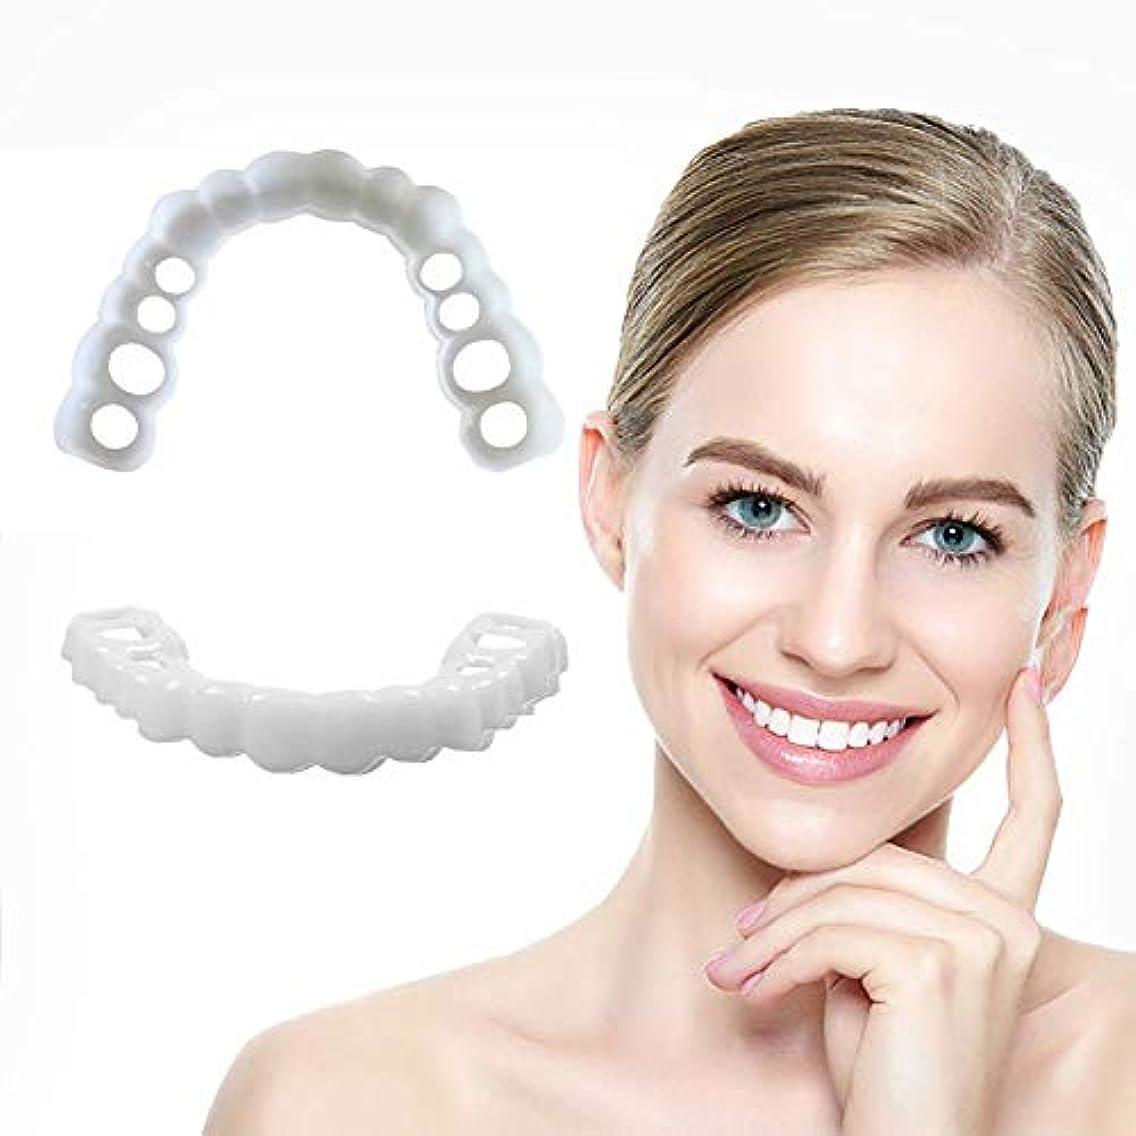 フォロー時計ペアセットの第二世代のシリコーンのシミュレーションの歯科用義歯を白くする上下の歯の模擬装具,5pcs,Upperteeth